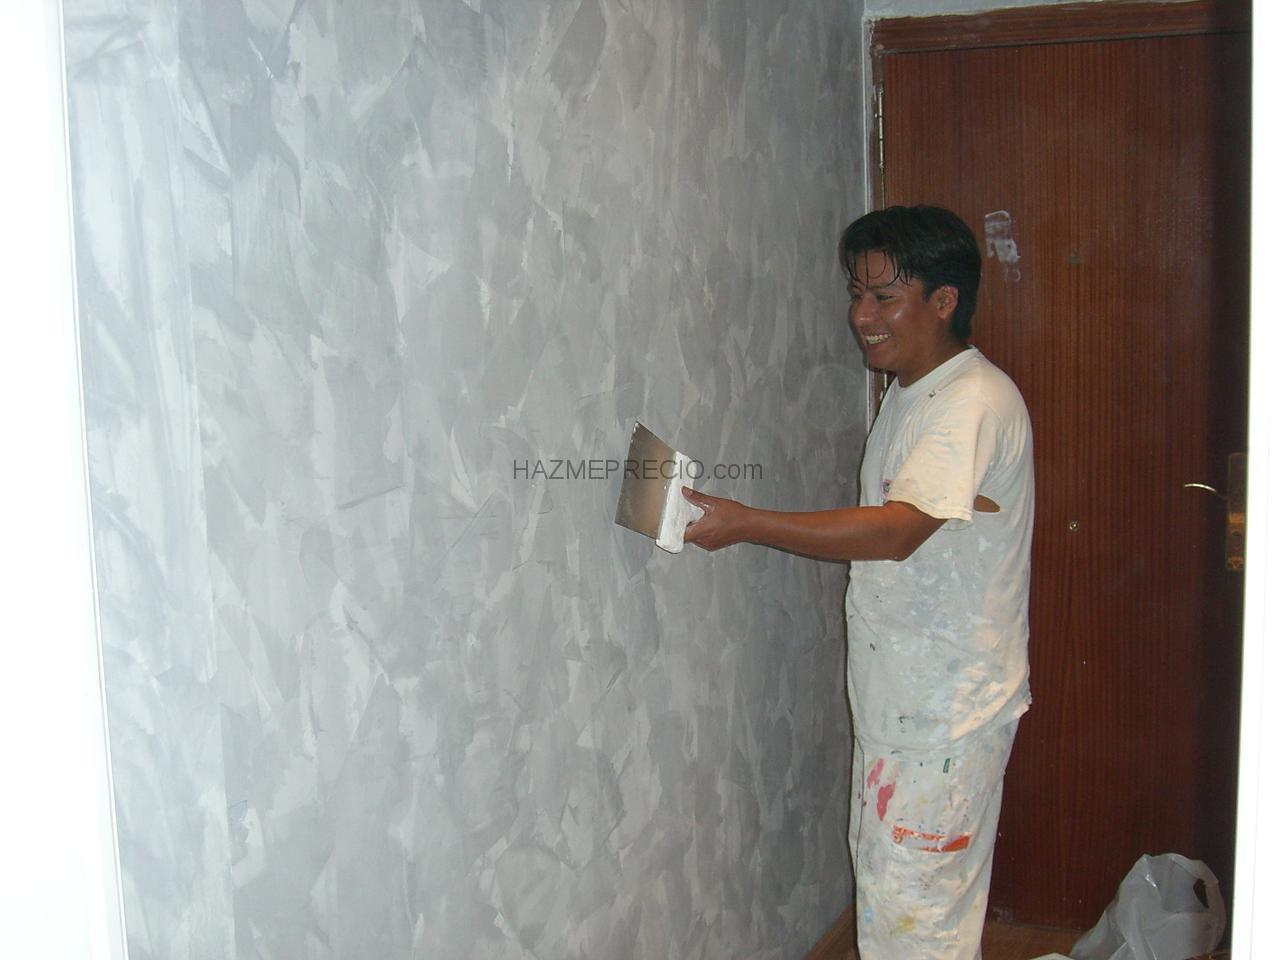 Presupuesto para quitar gotele alisar paredes y pintar en for Quitar gotele precio